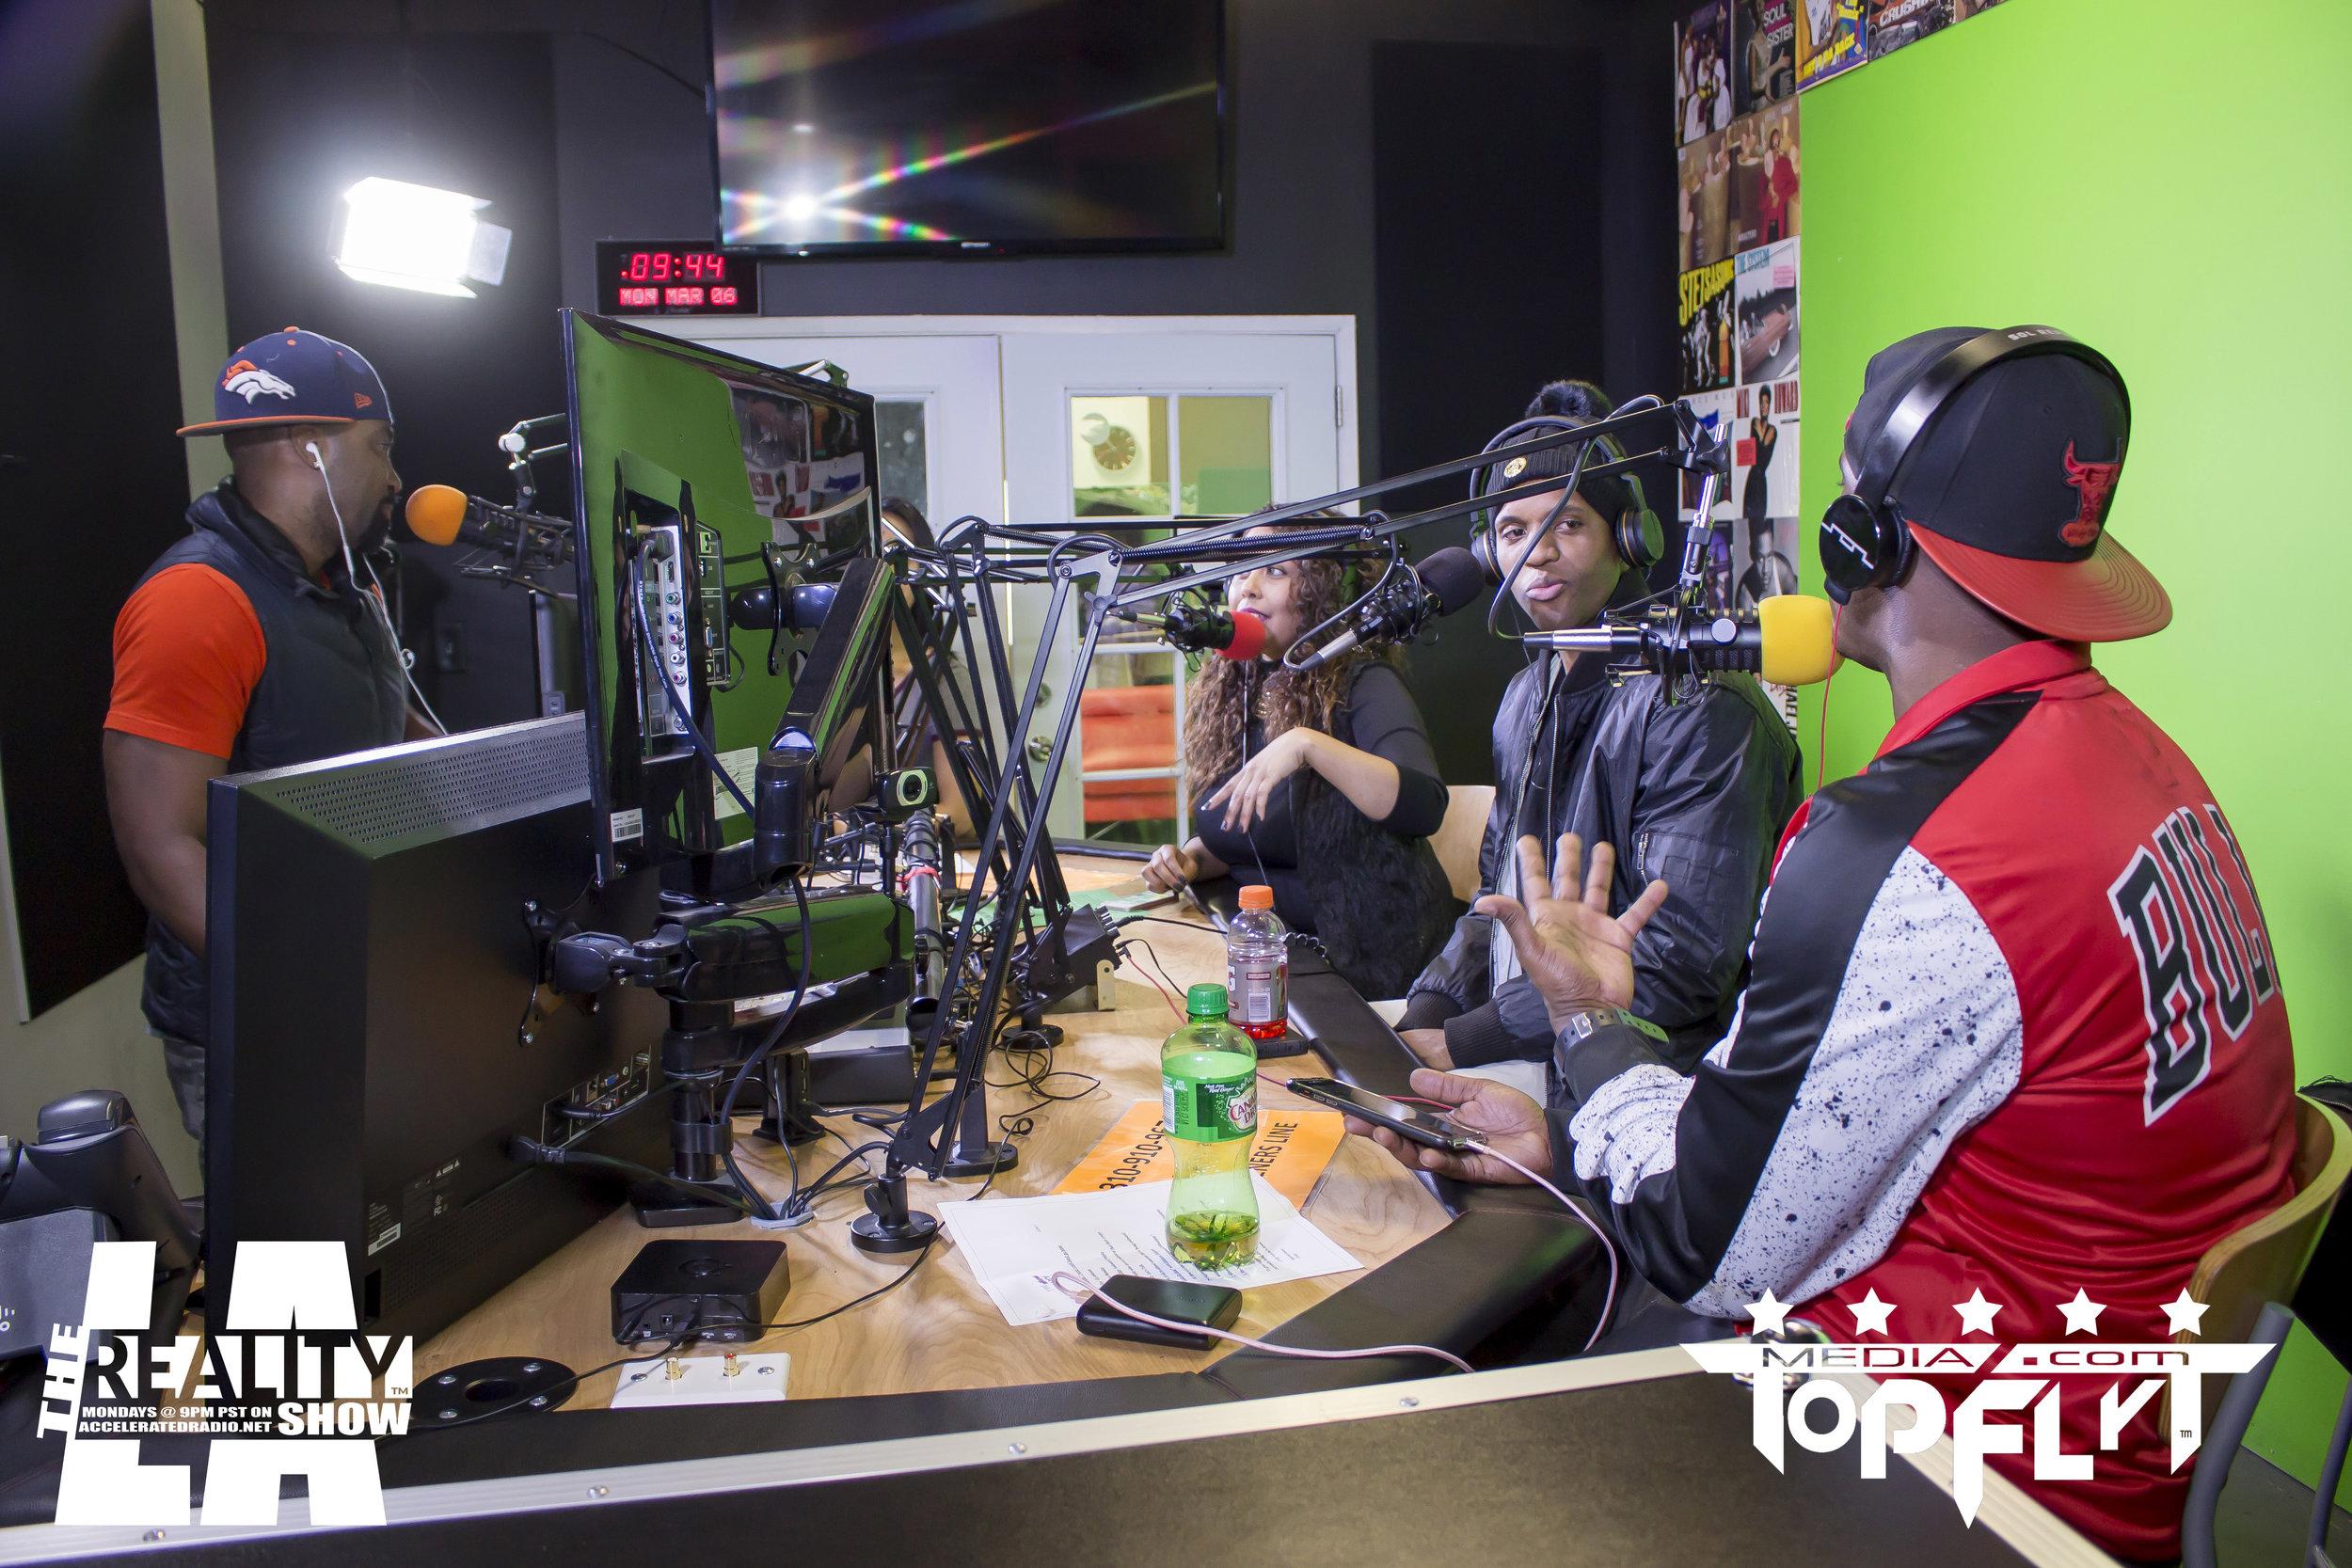 The Reality Show - 03-06-17 - El Jay_29.jpg